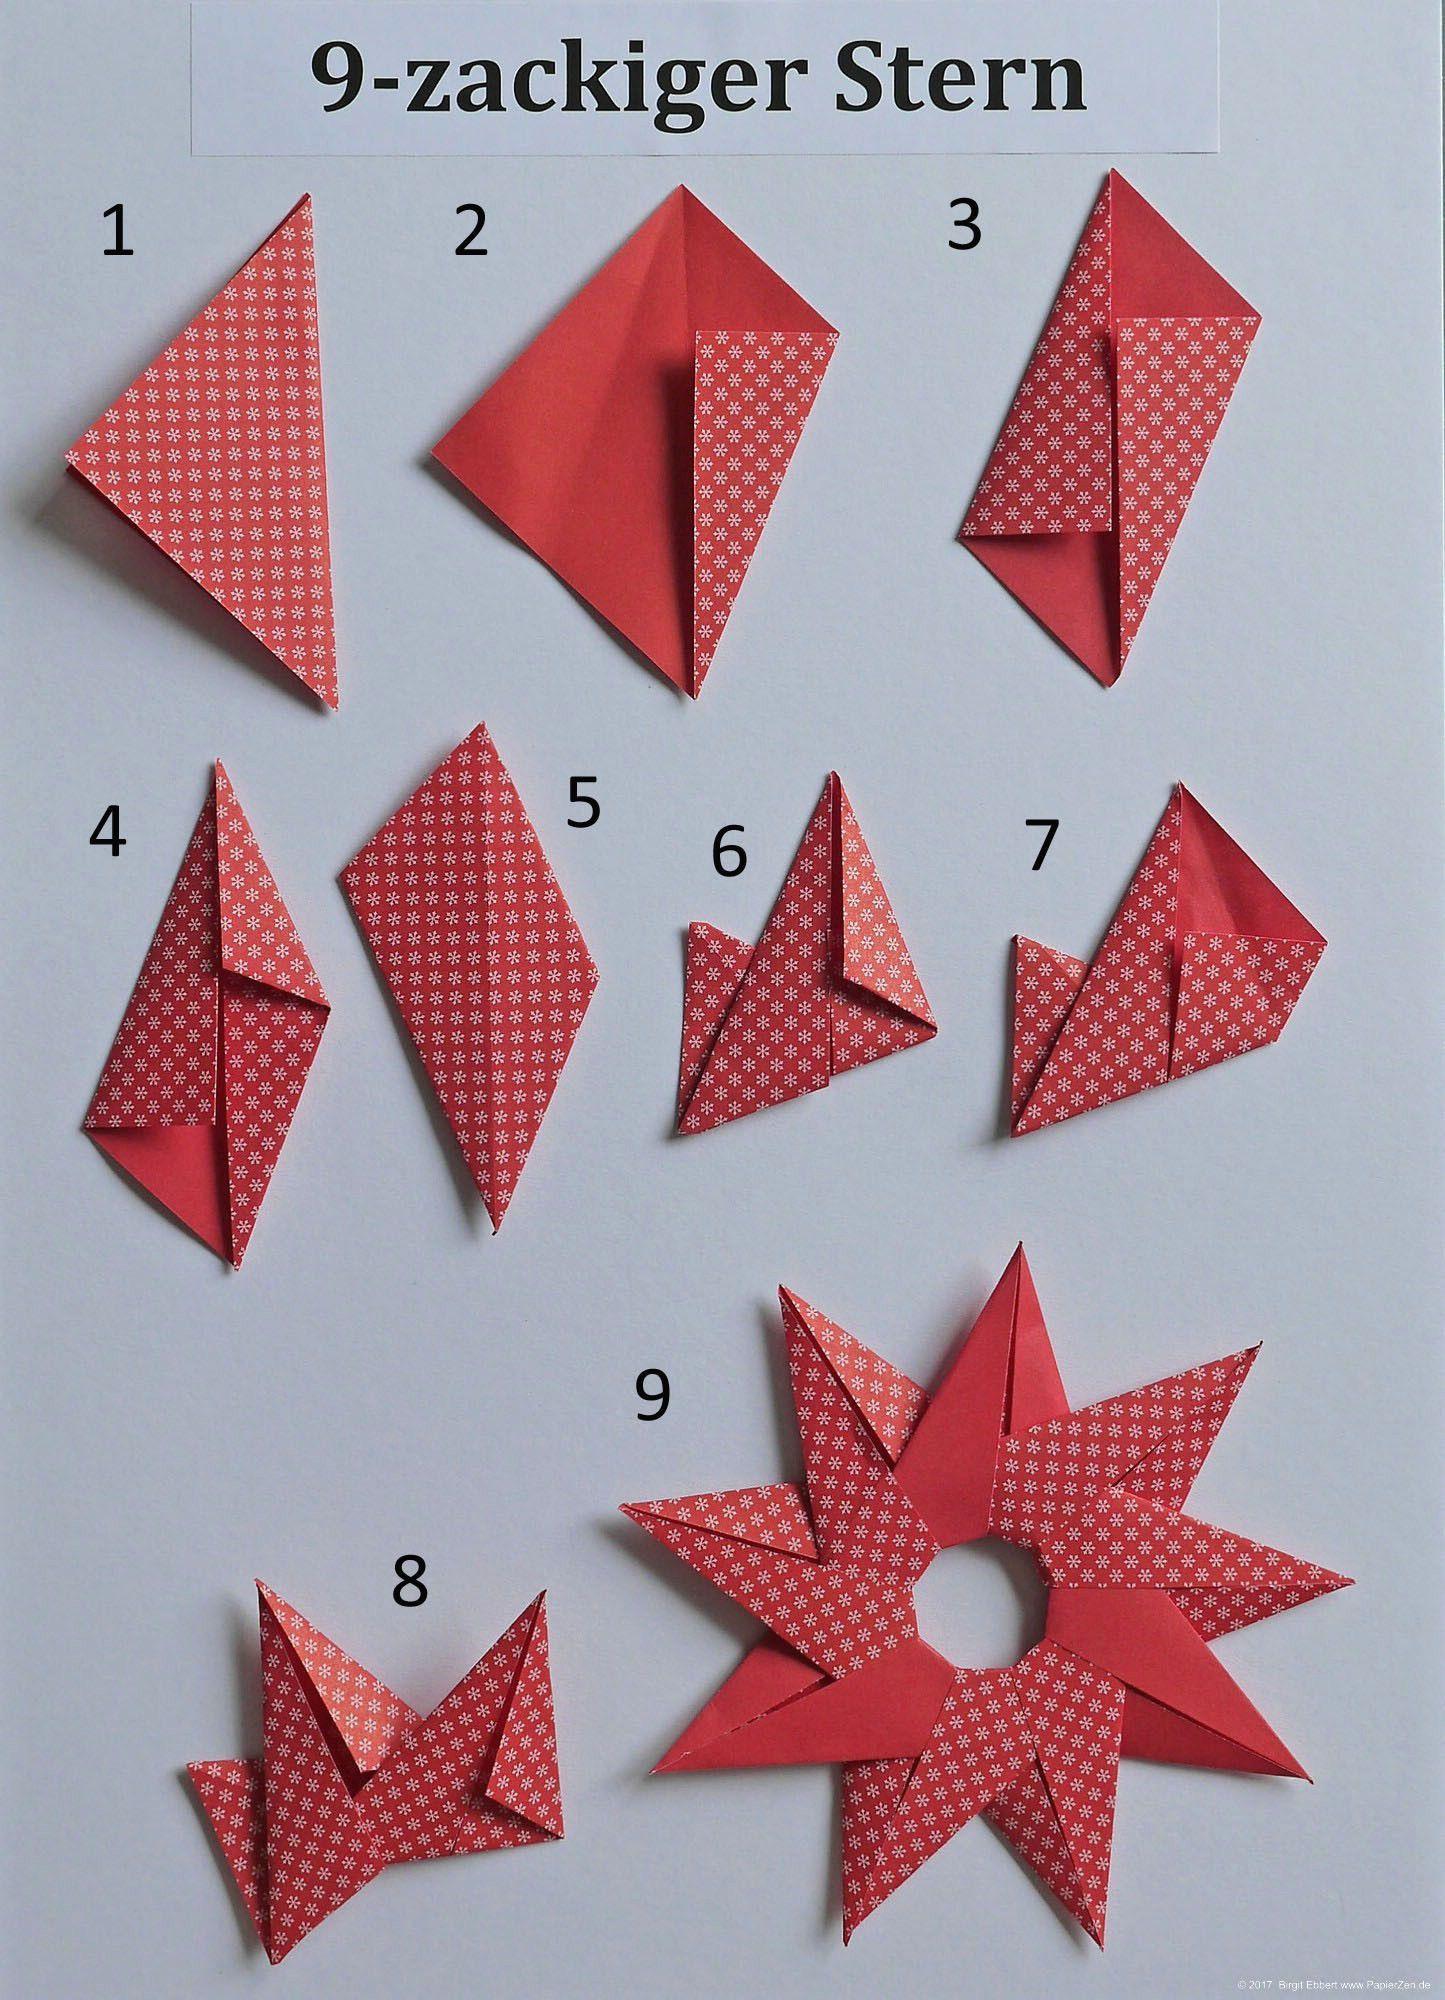 Papiersterne Basteln Origami Stern Basteln Mit Papier Modulen